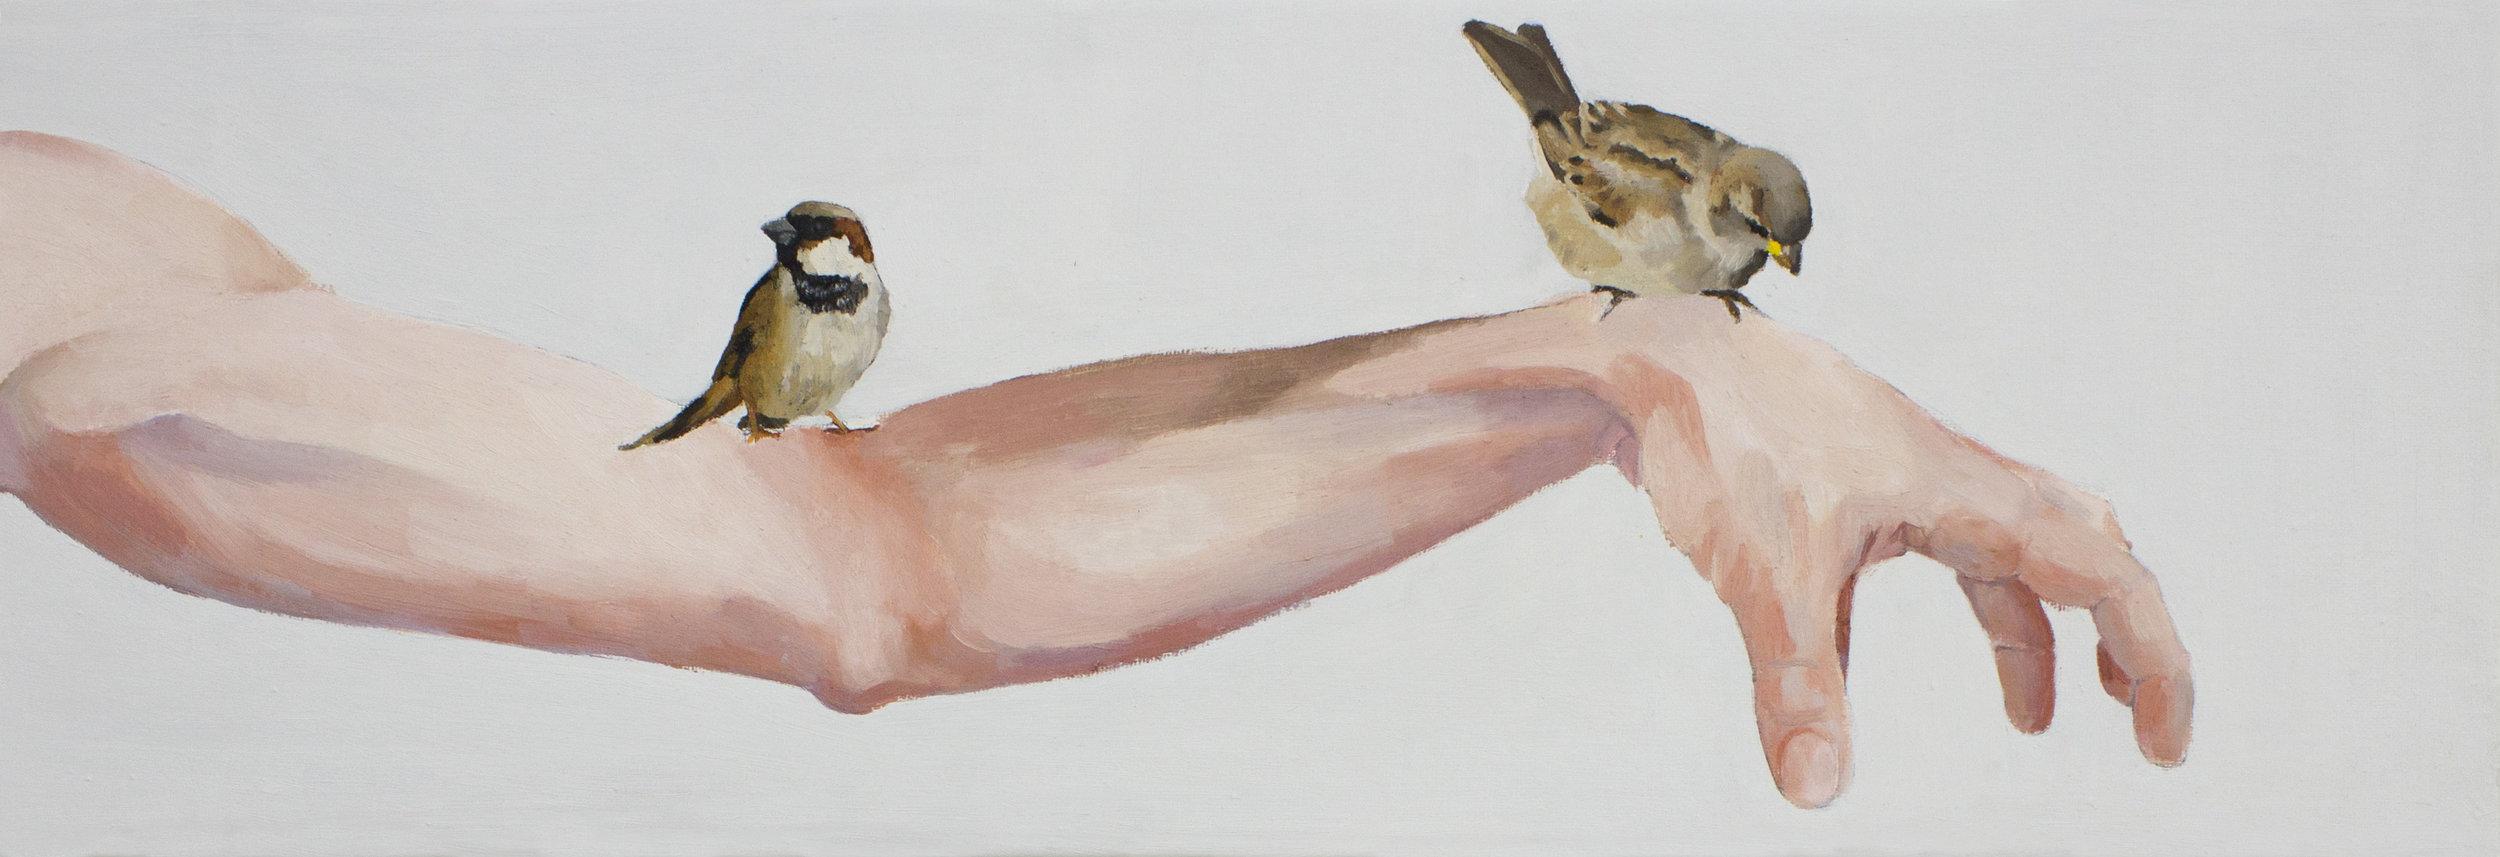 Dos gorriones con brazo.